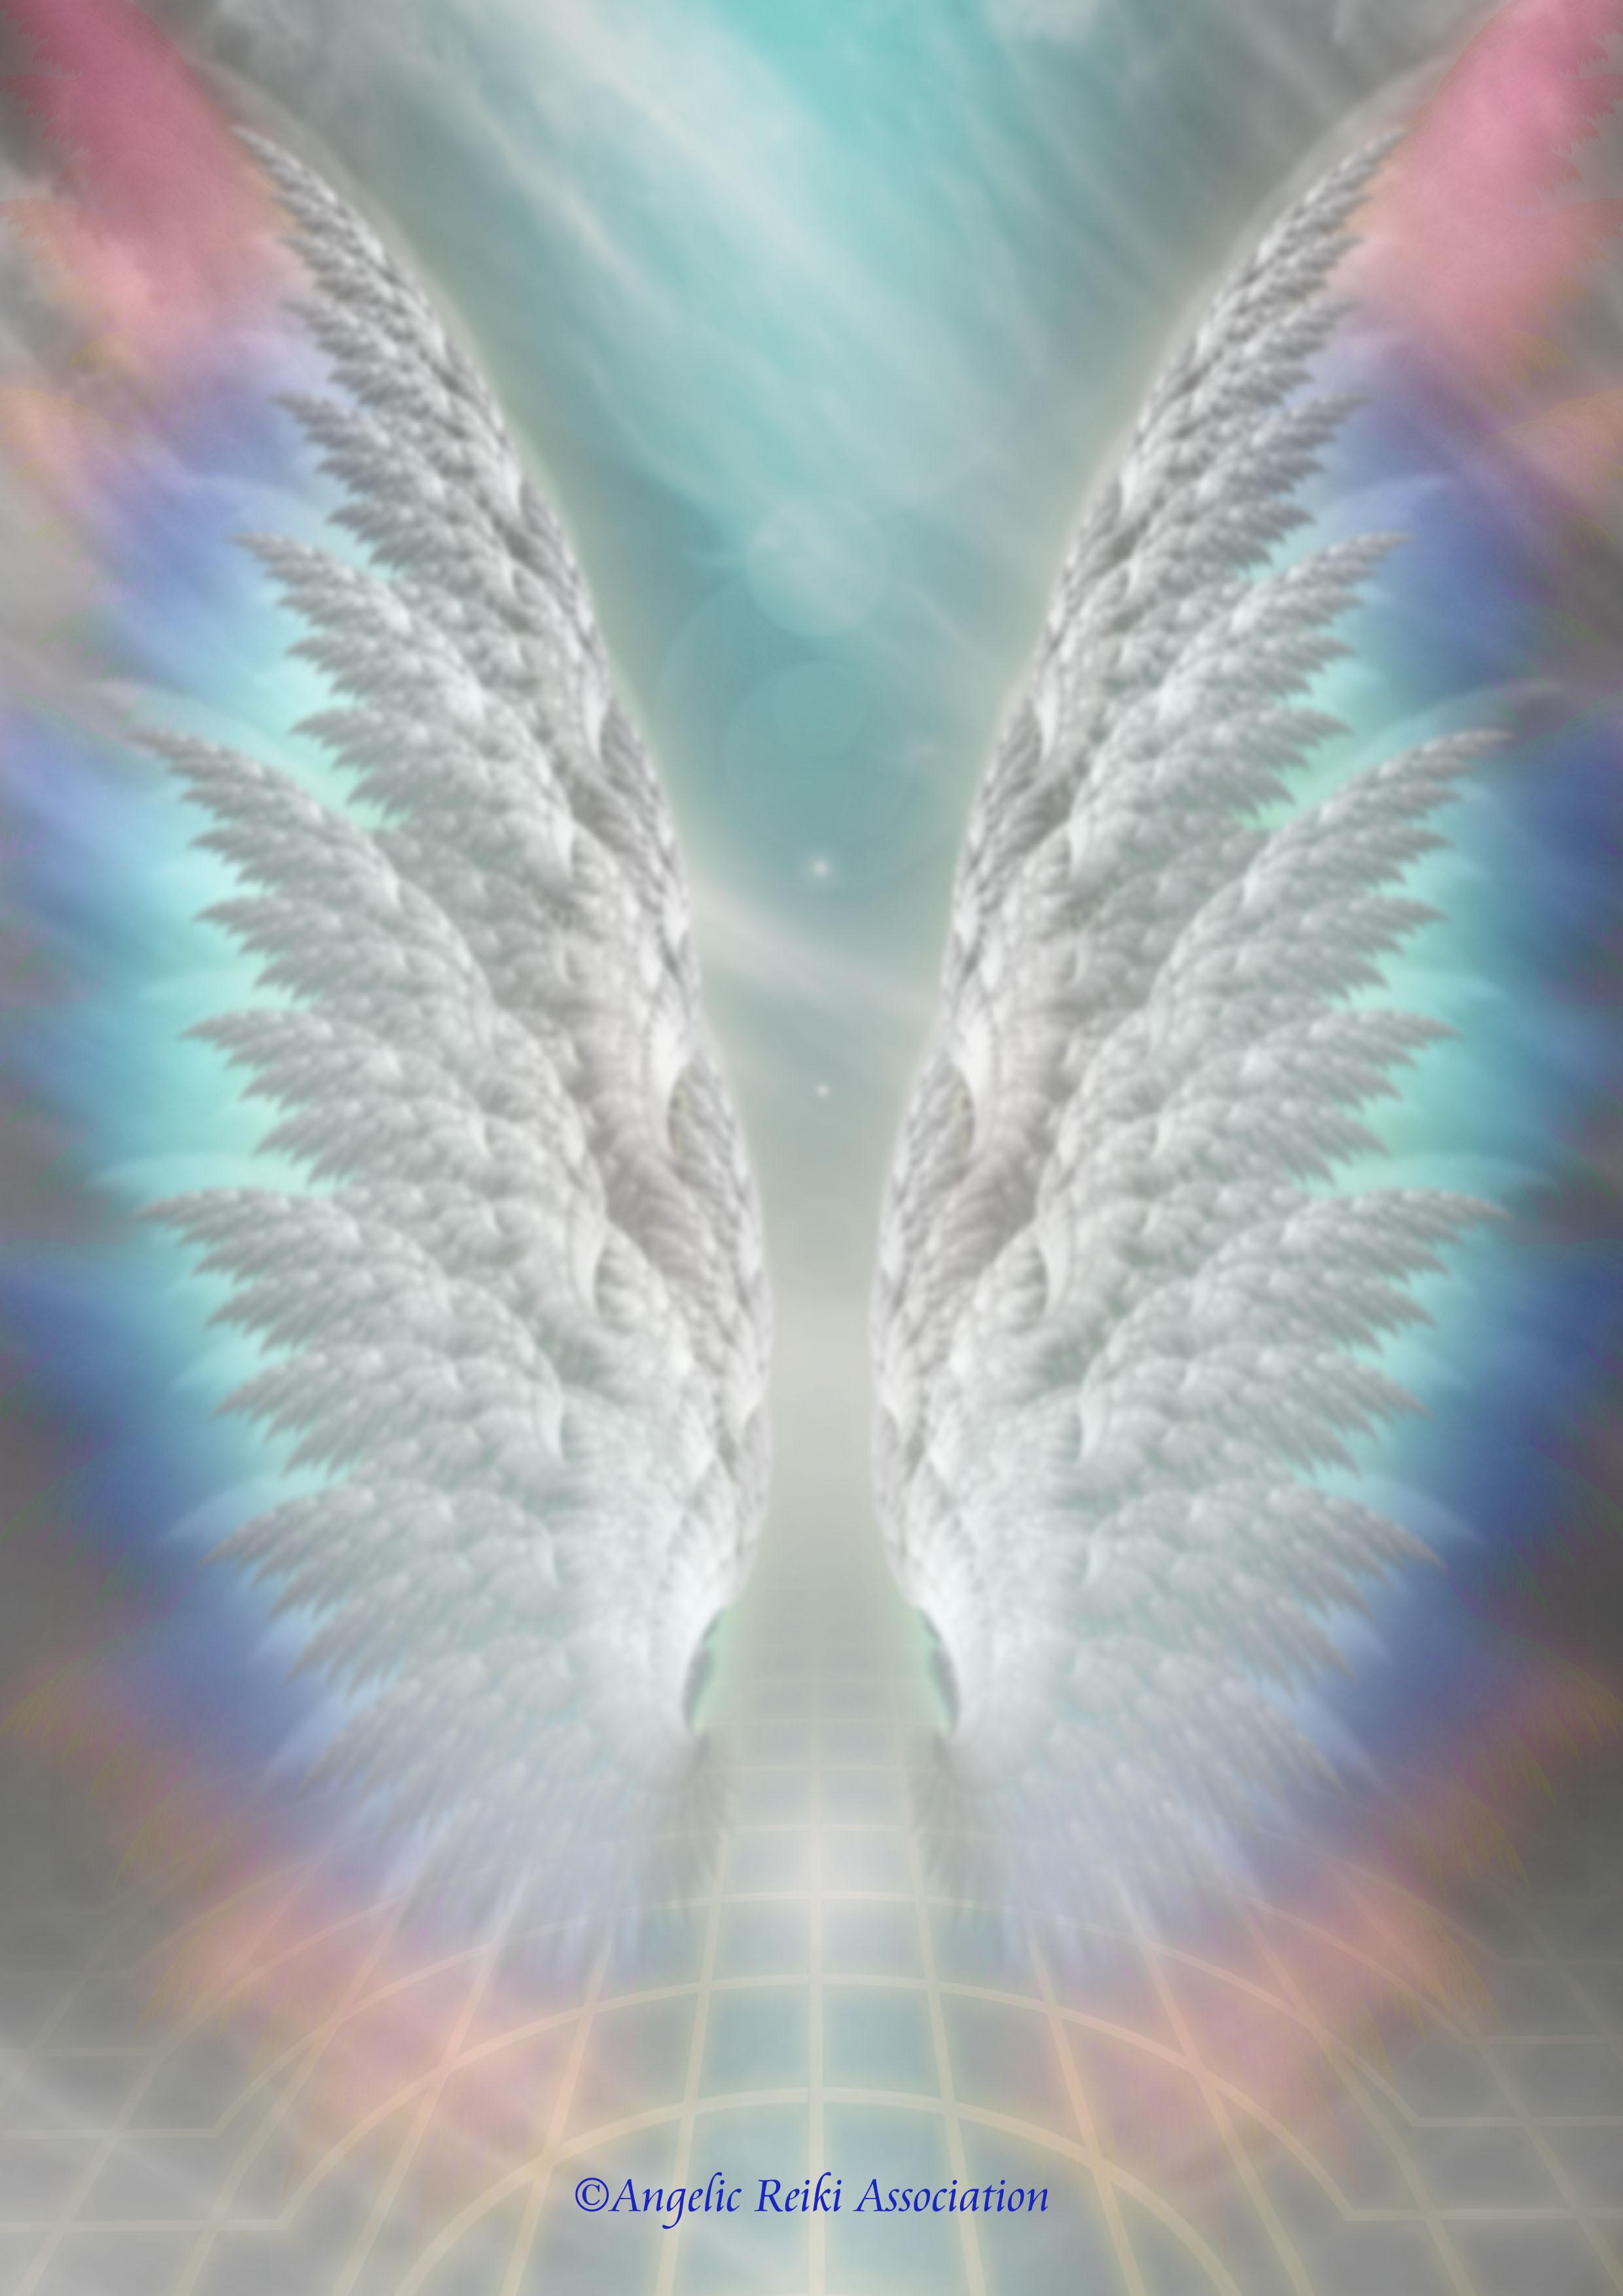 Angelic Reiki logo for Colleen Tucker